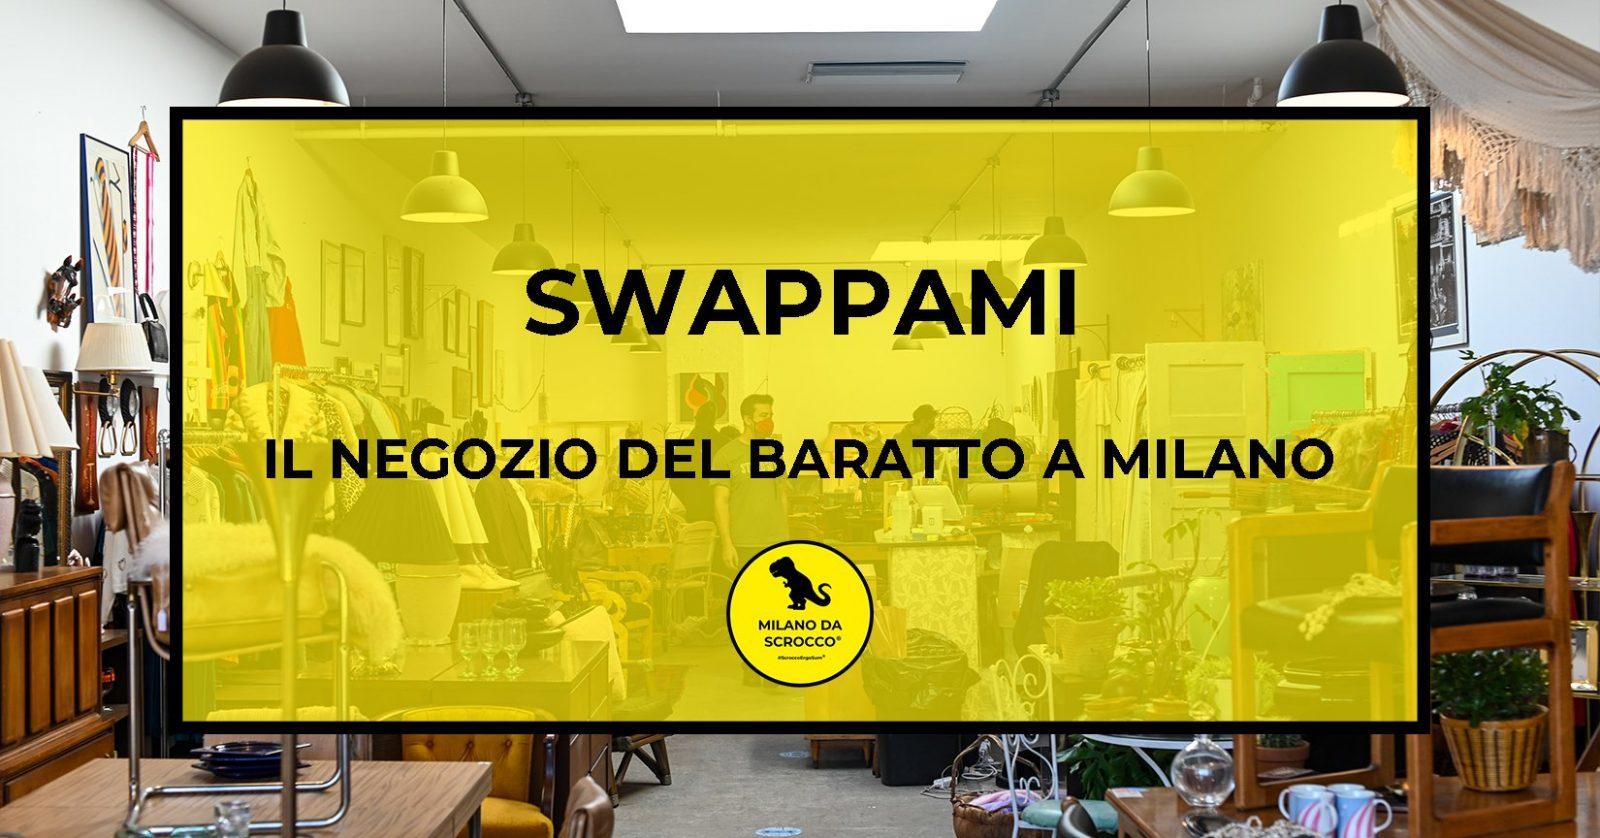 You are currently viewing SwappaMi: il negozio del baratto a Milano